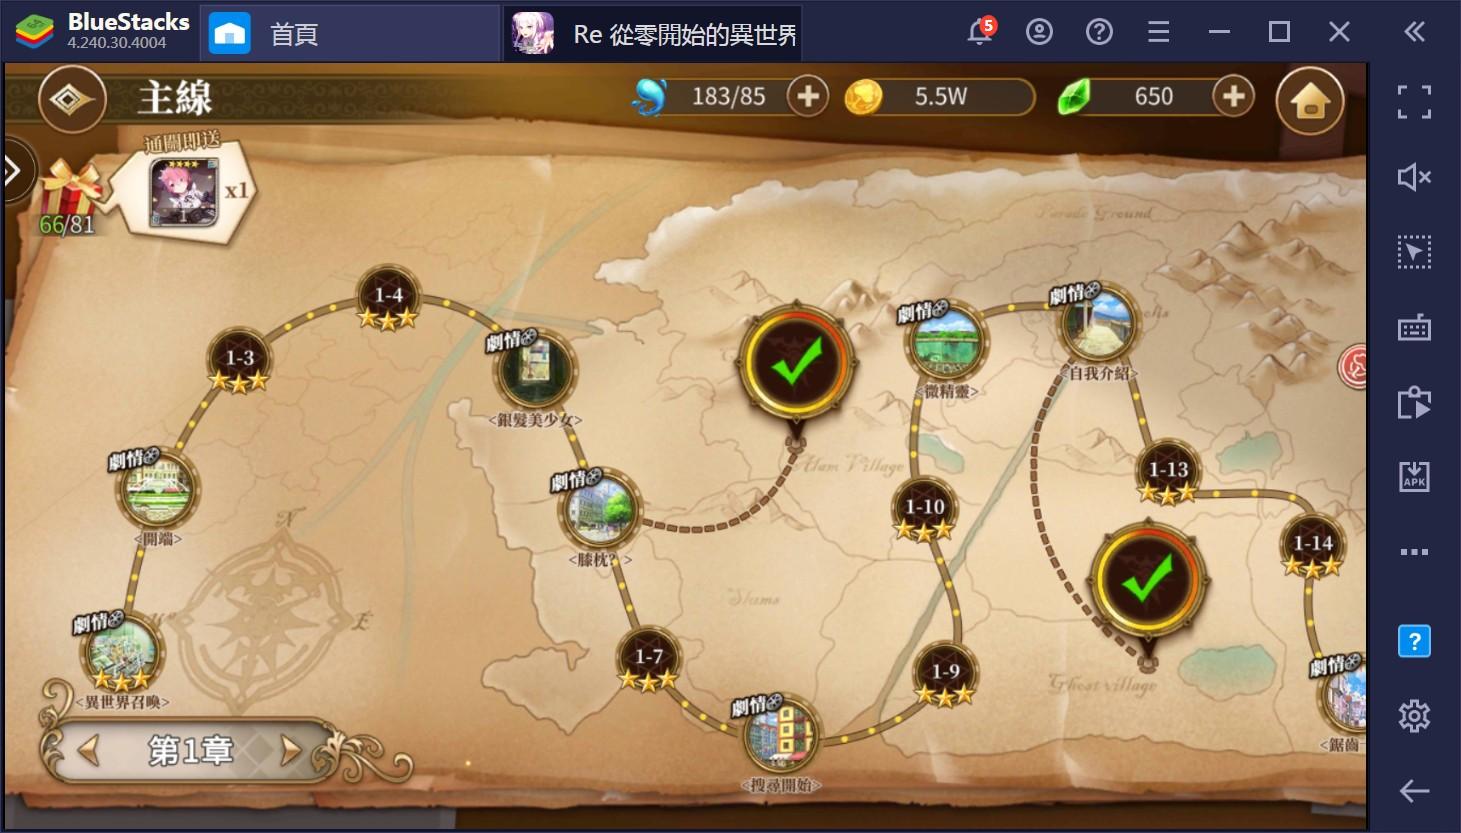 使用BlueStacks在PC上遊玩MMORPG手機遊戲 《Re:從零開始的異世界生活-INFINITY》